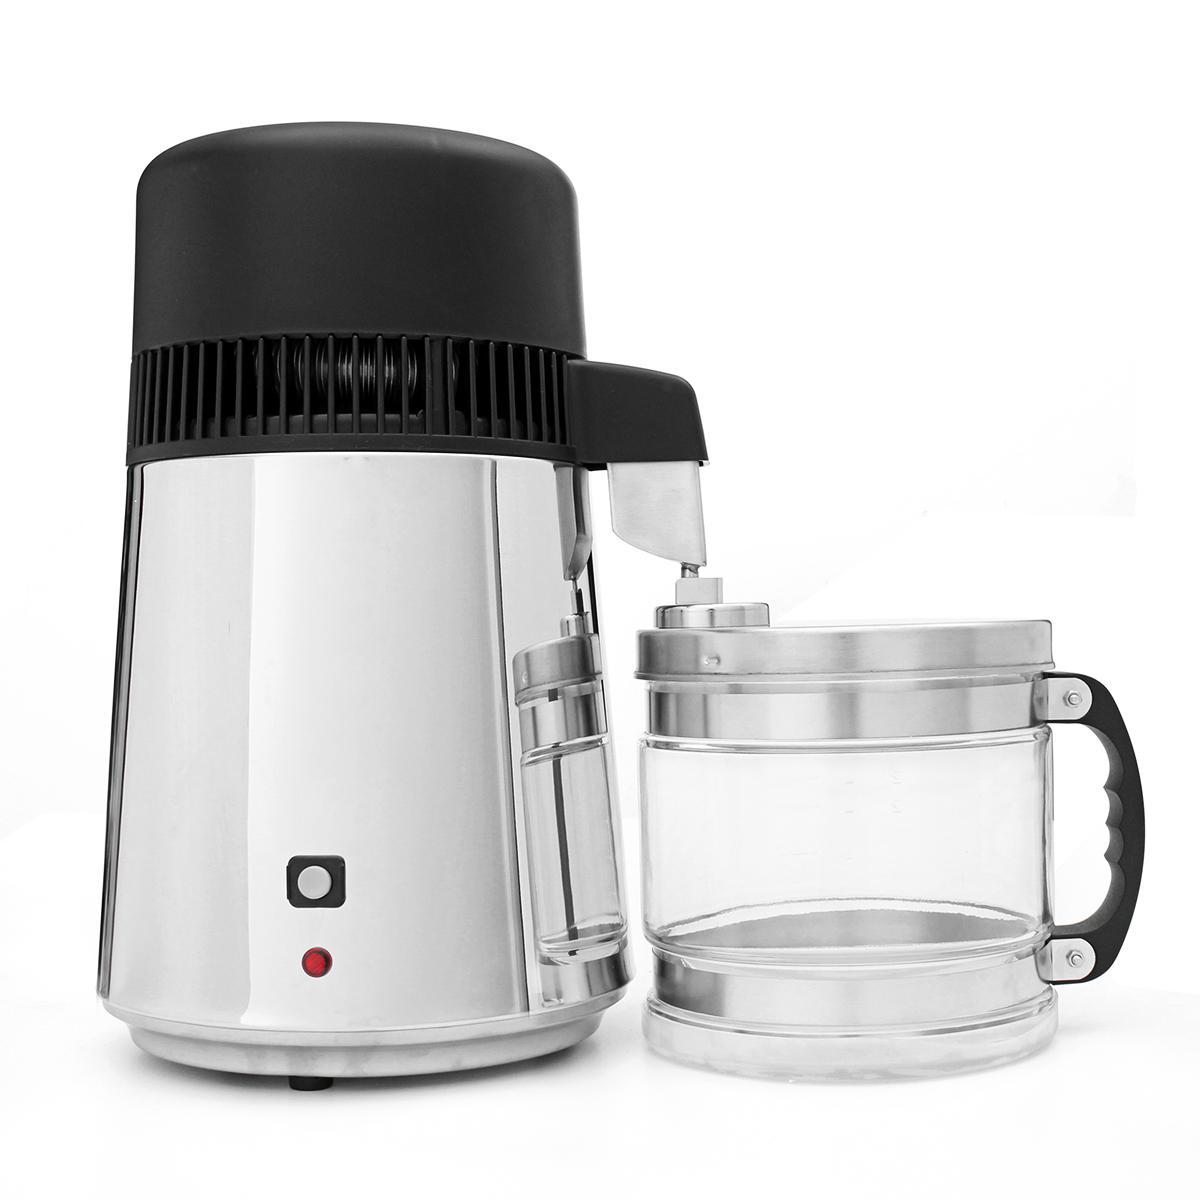 750W 4L de acero inoxidable Purificador de agua pura Purificador de la cocina Filtro de la máquina Botella de vidrio libre Tarro